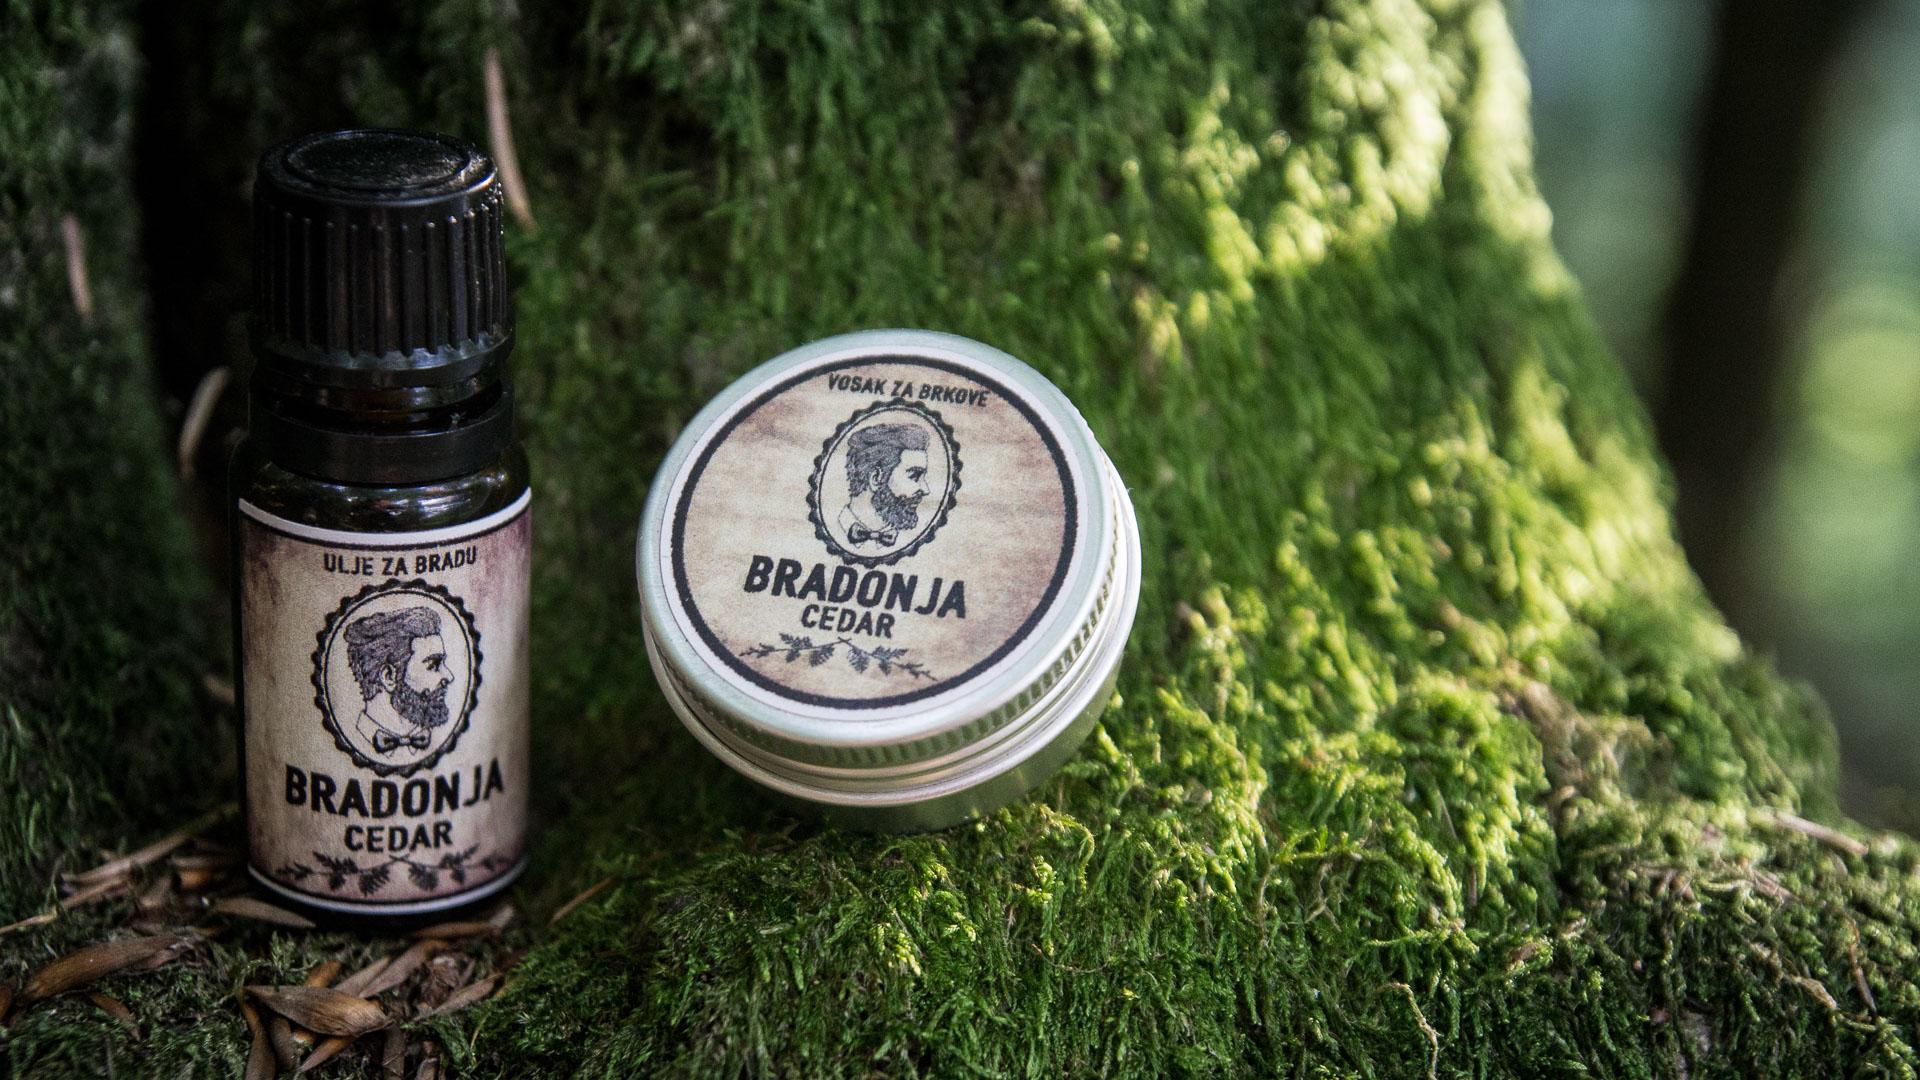 BRADONJA Hrvatski brend proizvoda za njegu brade koji morate zavoljeti